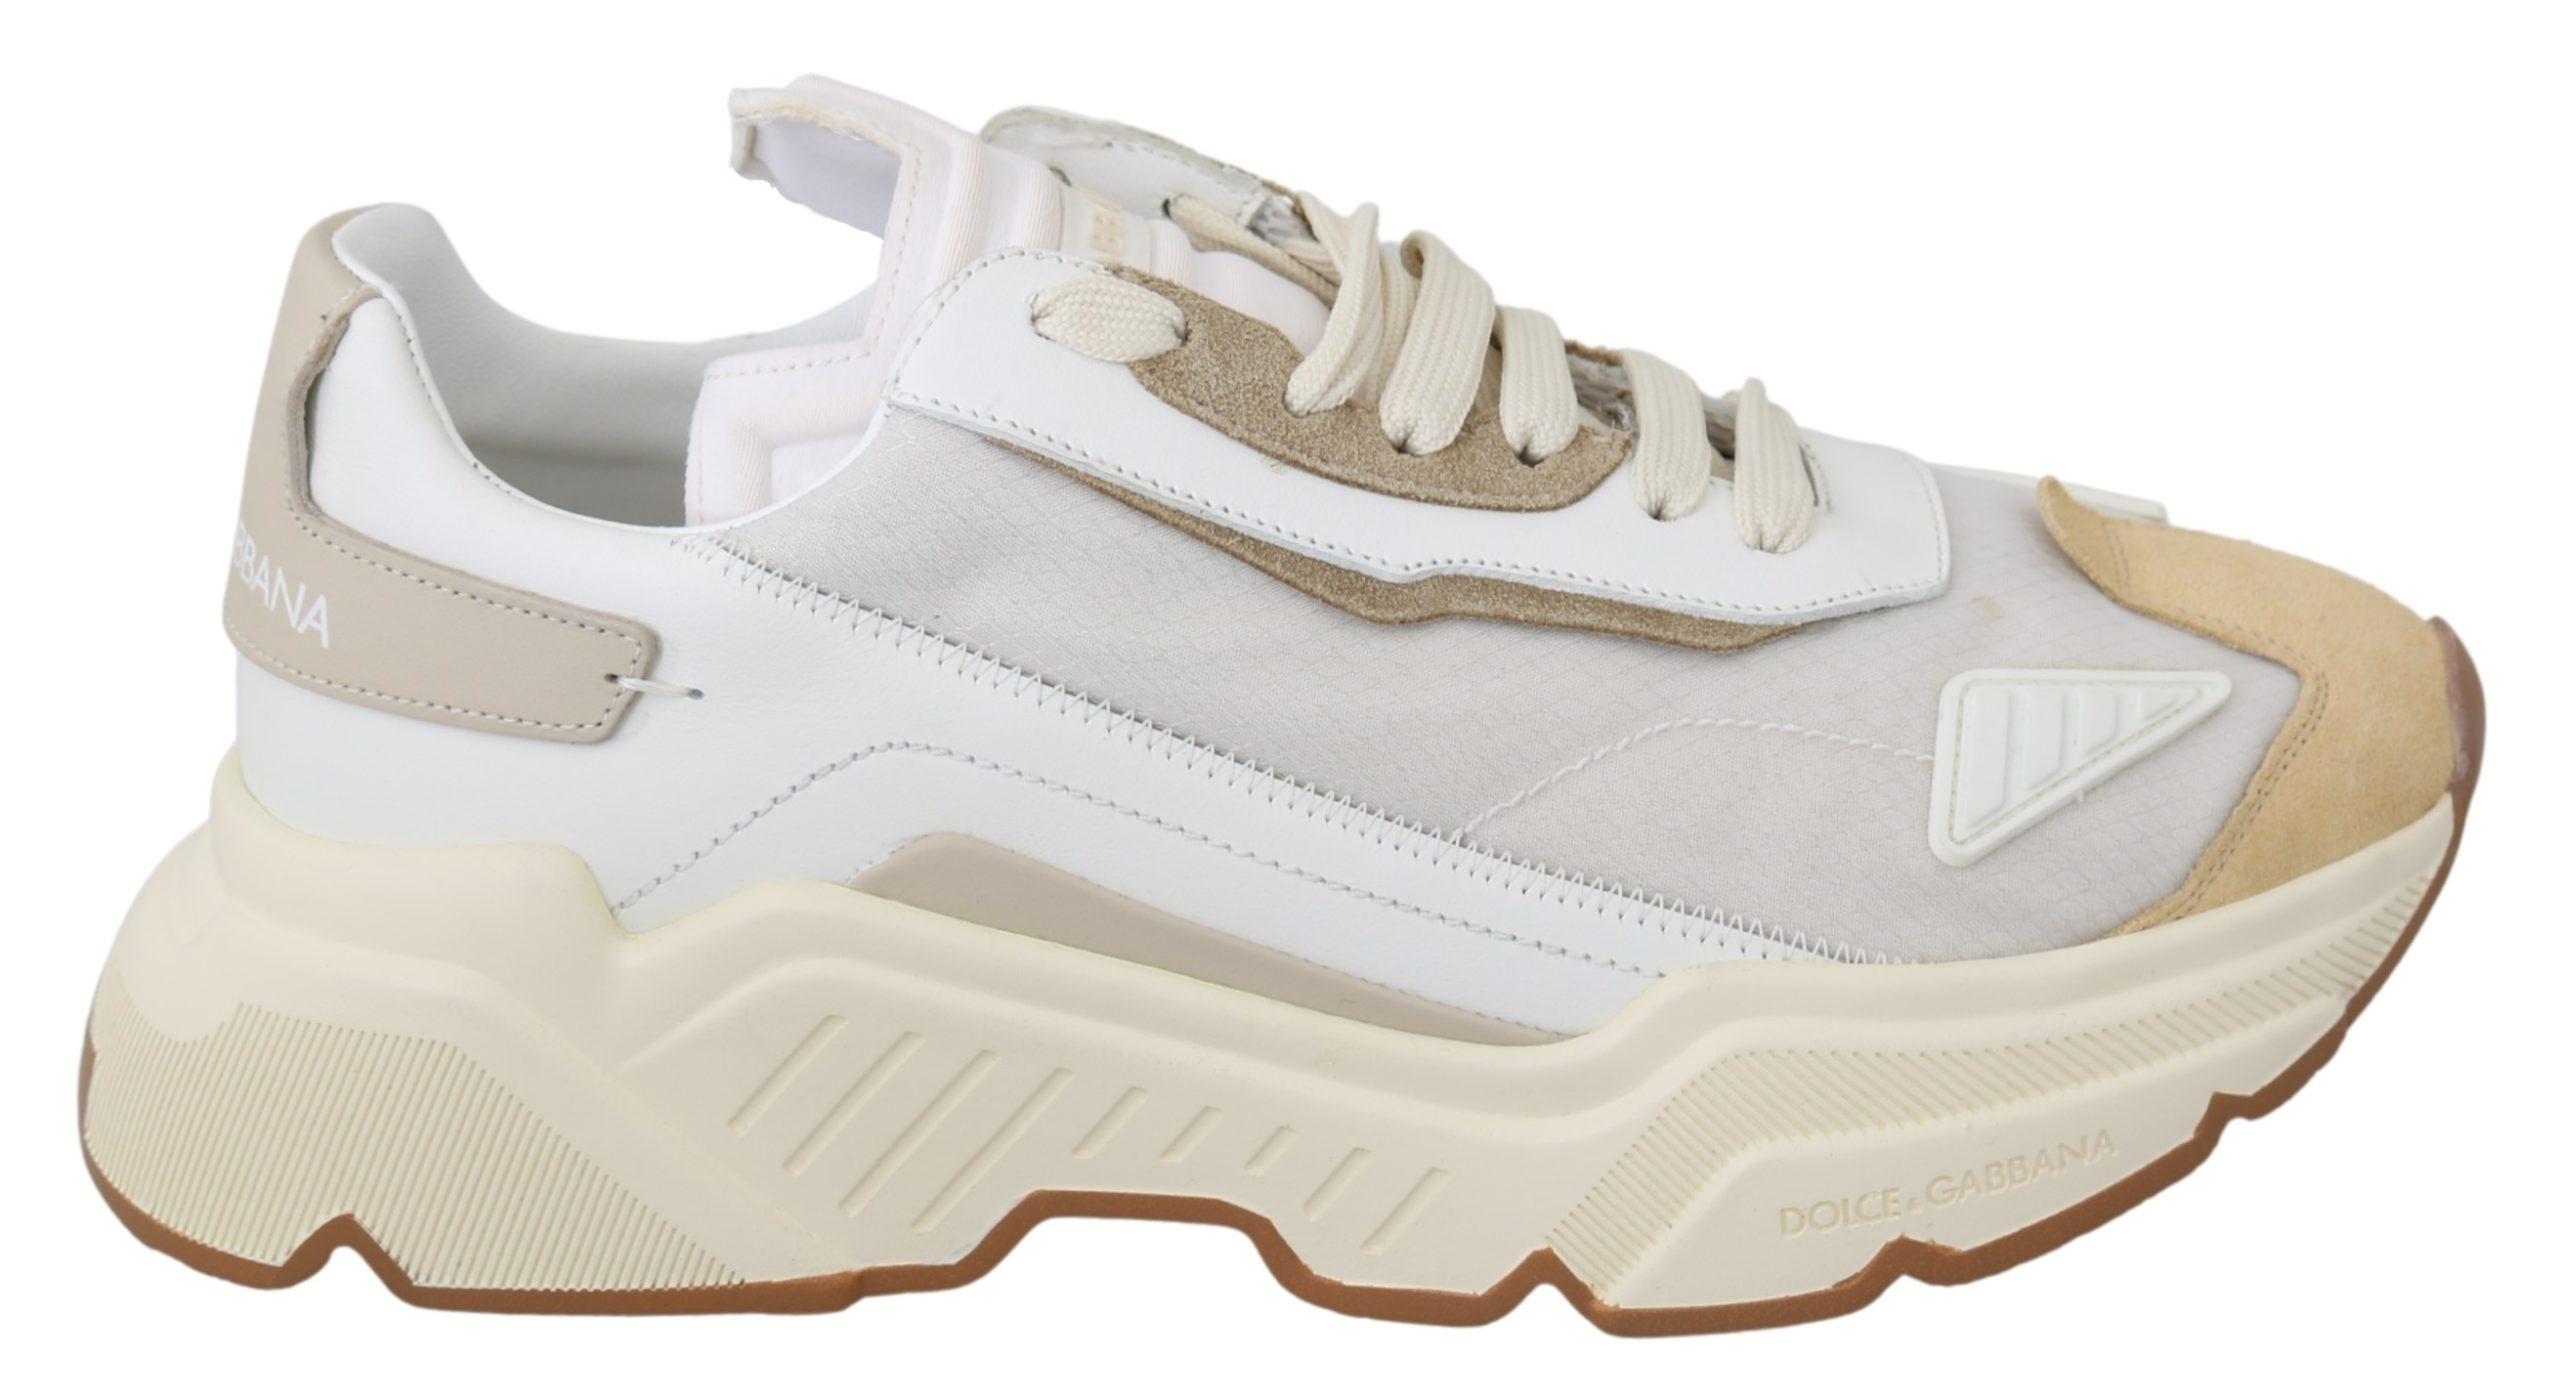 Dolce & Gabbana Women's Leather Trainer White LA7001 - EU39/US8.5